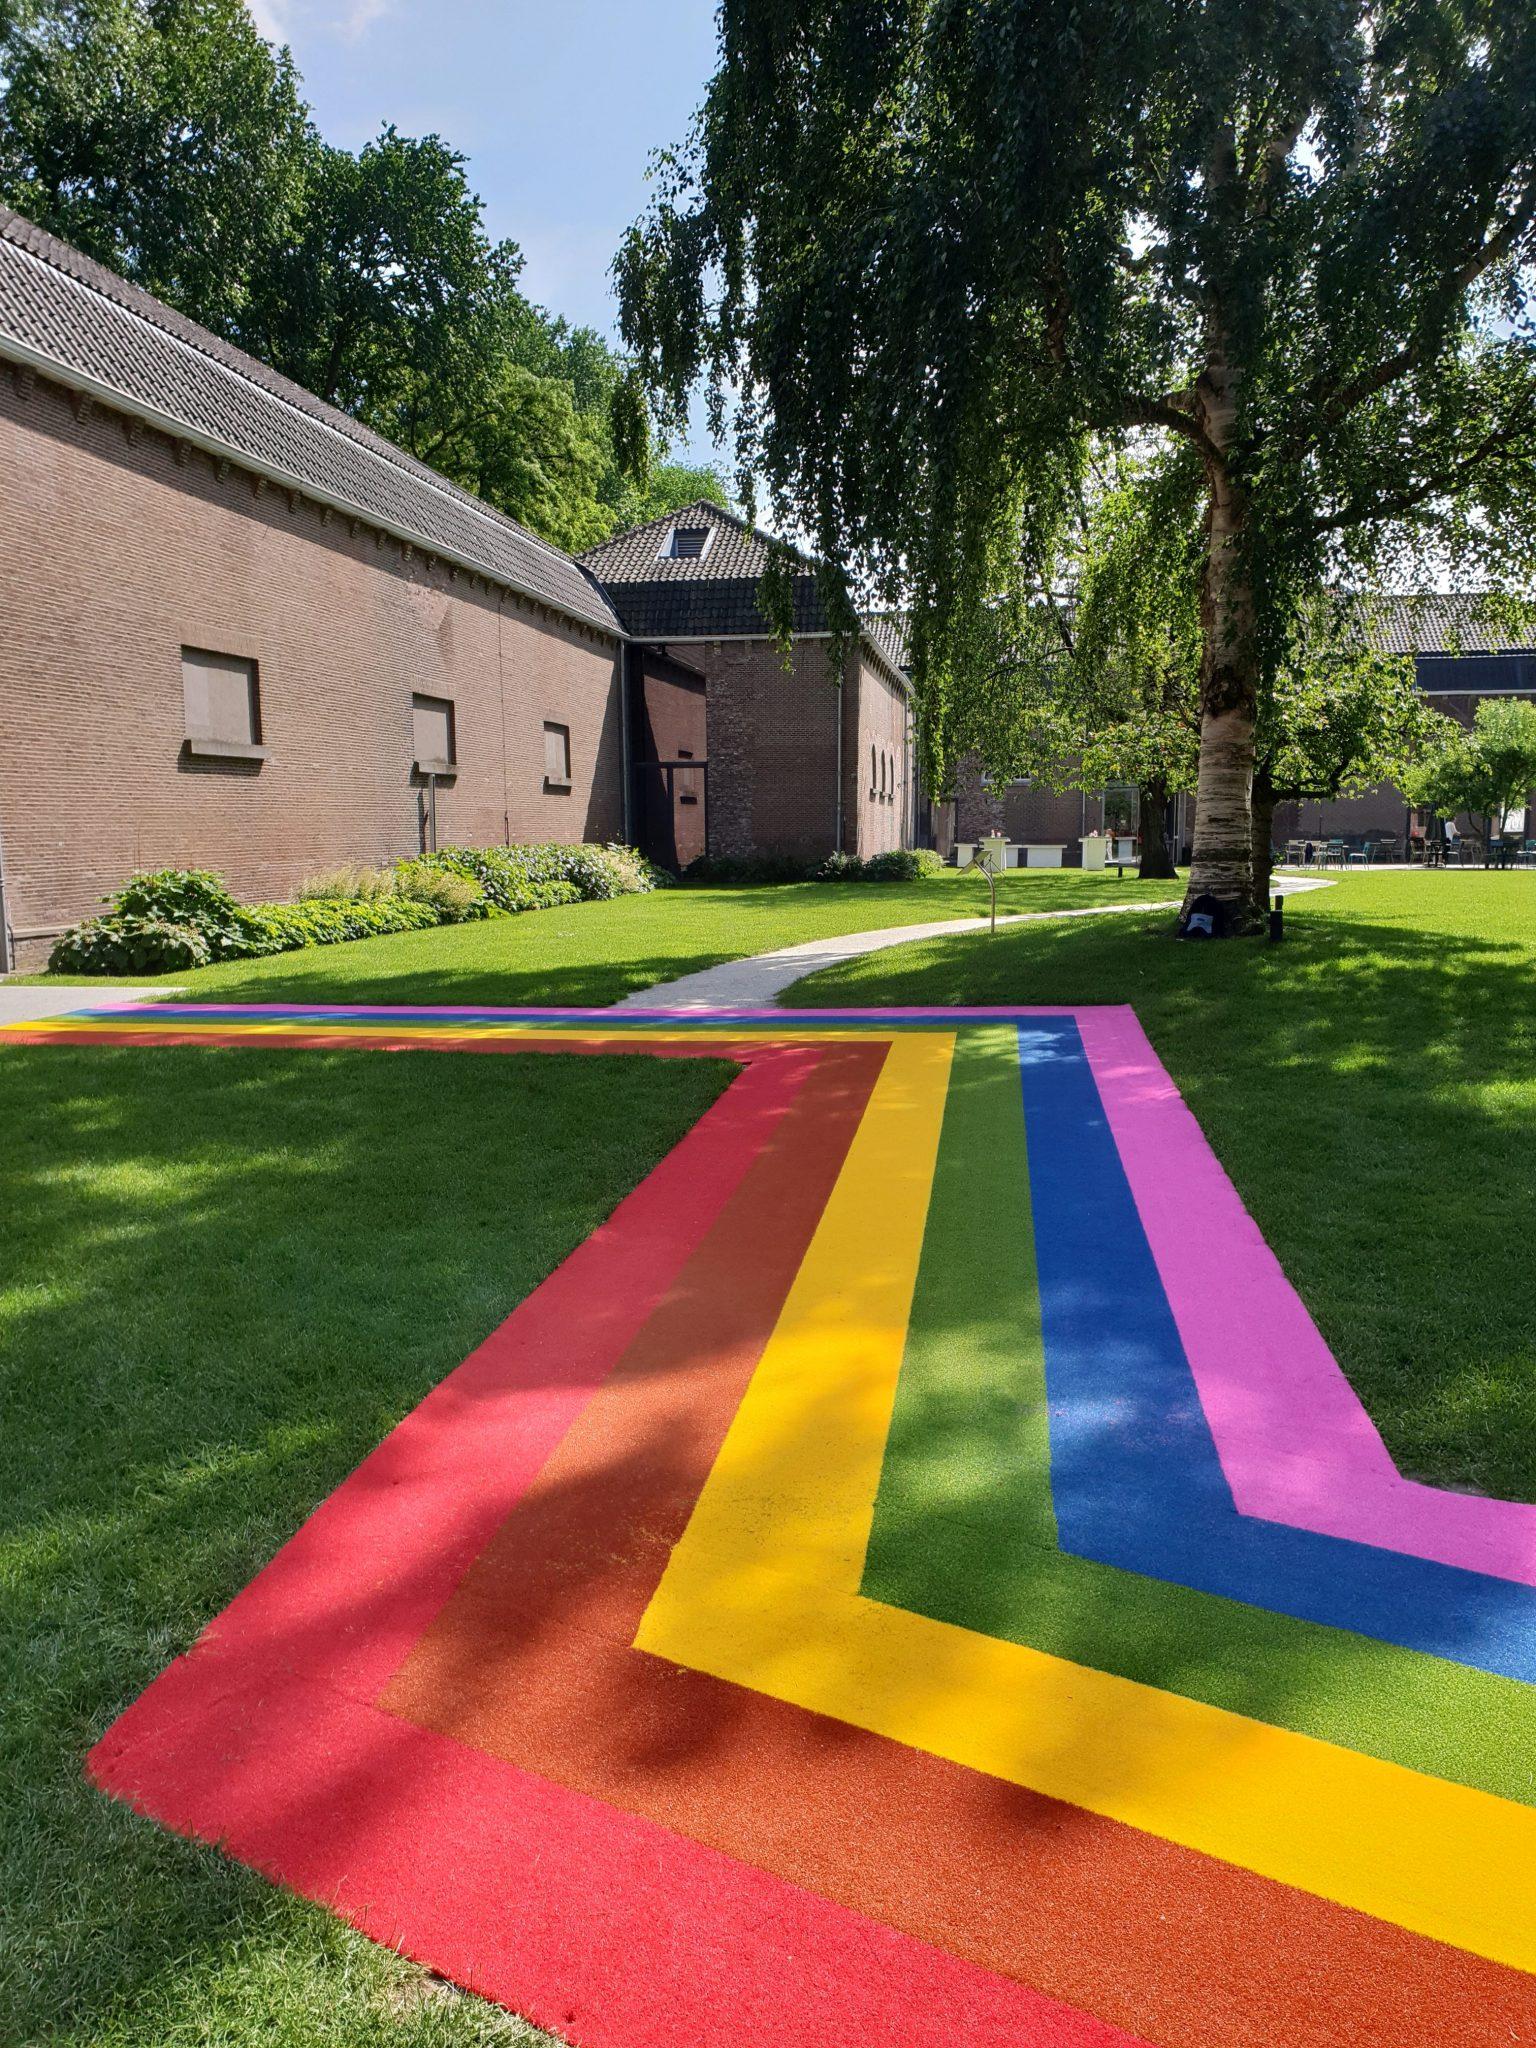 20180611 161841 - Regenboogpad bij centraal museum Utrecht